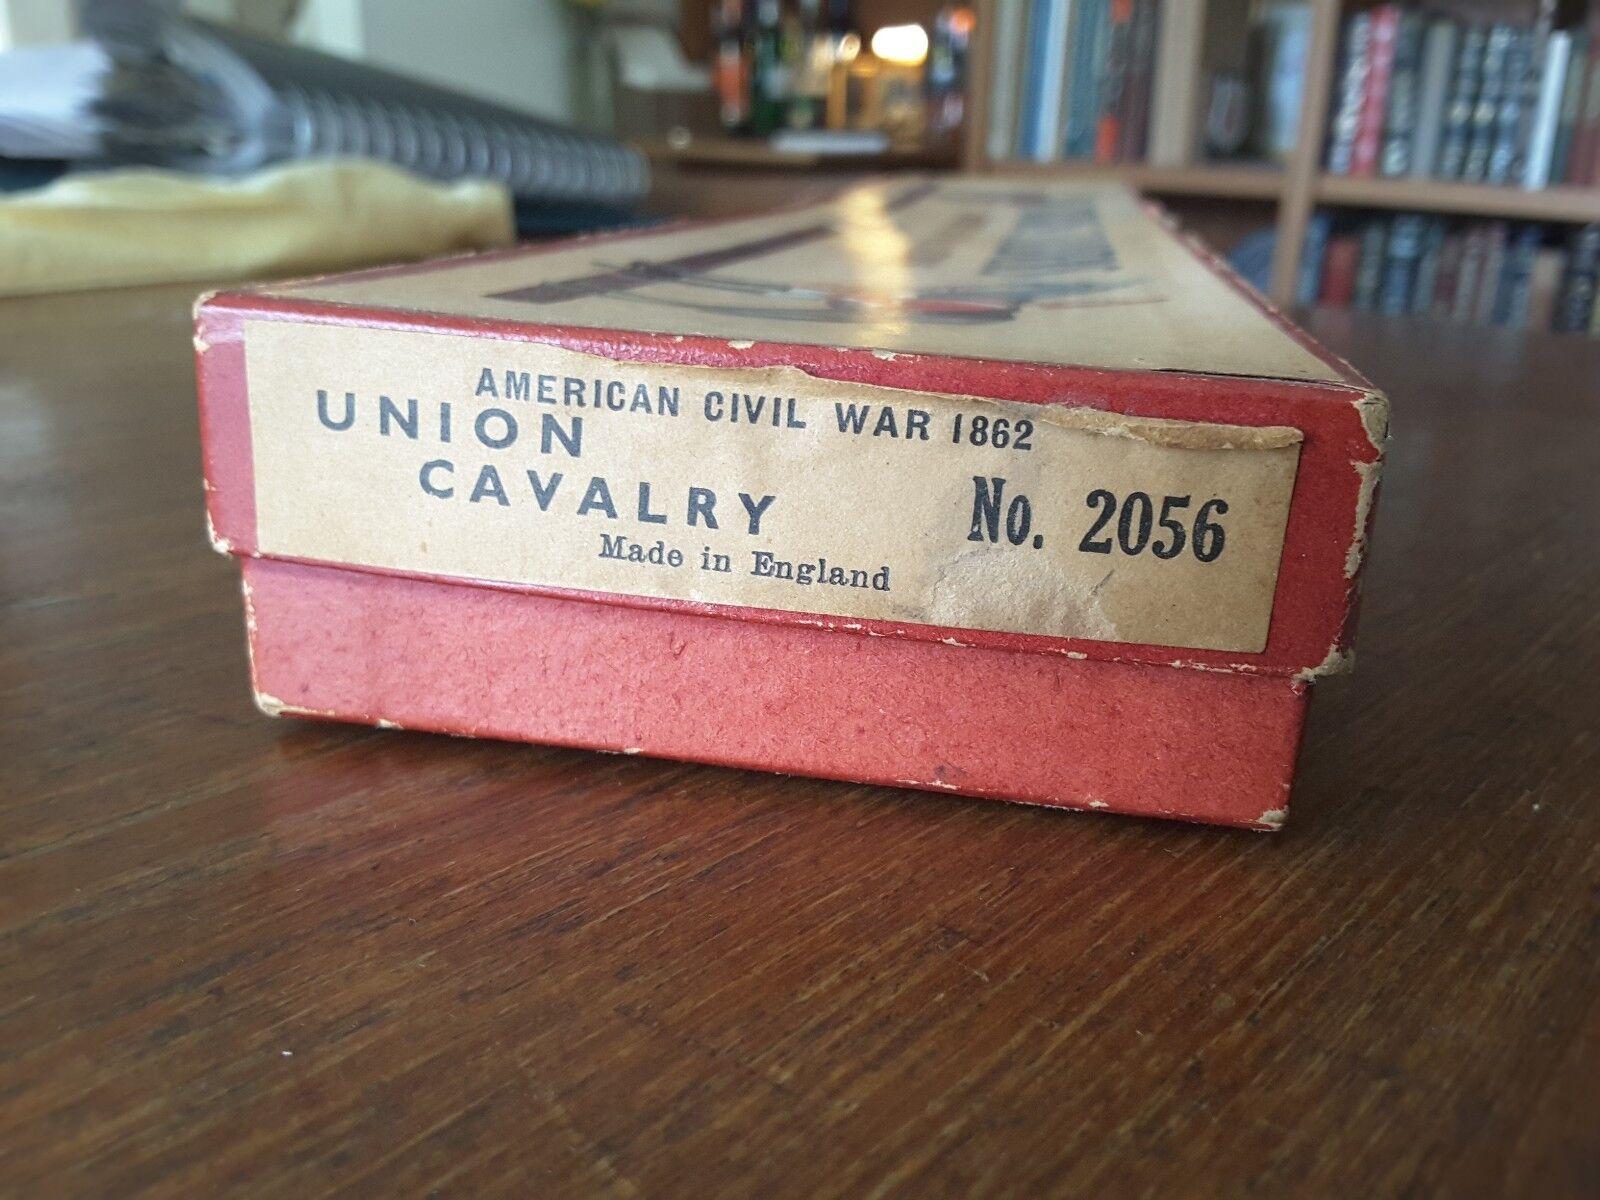 W. Britannien 2056 Amerikanska inbördeskriget 1862, 5-stycke Unionens kavalleri i originallådan.